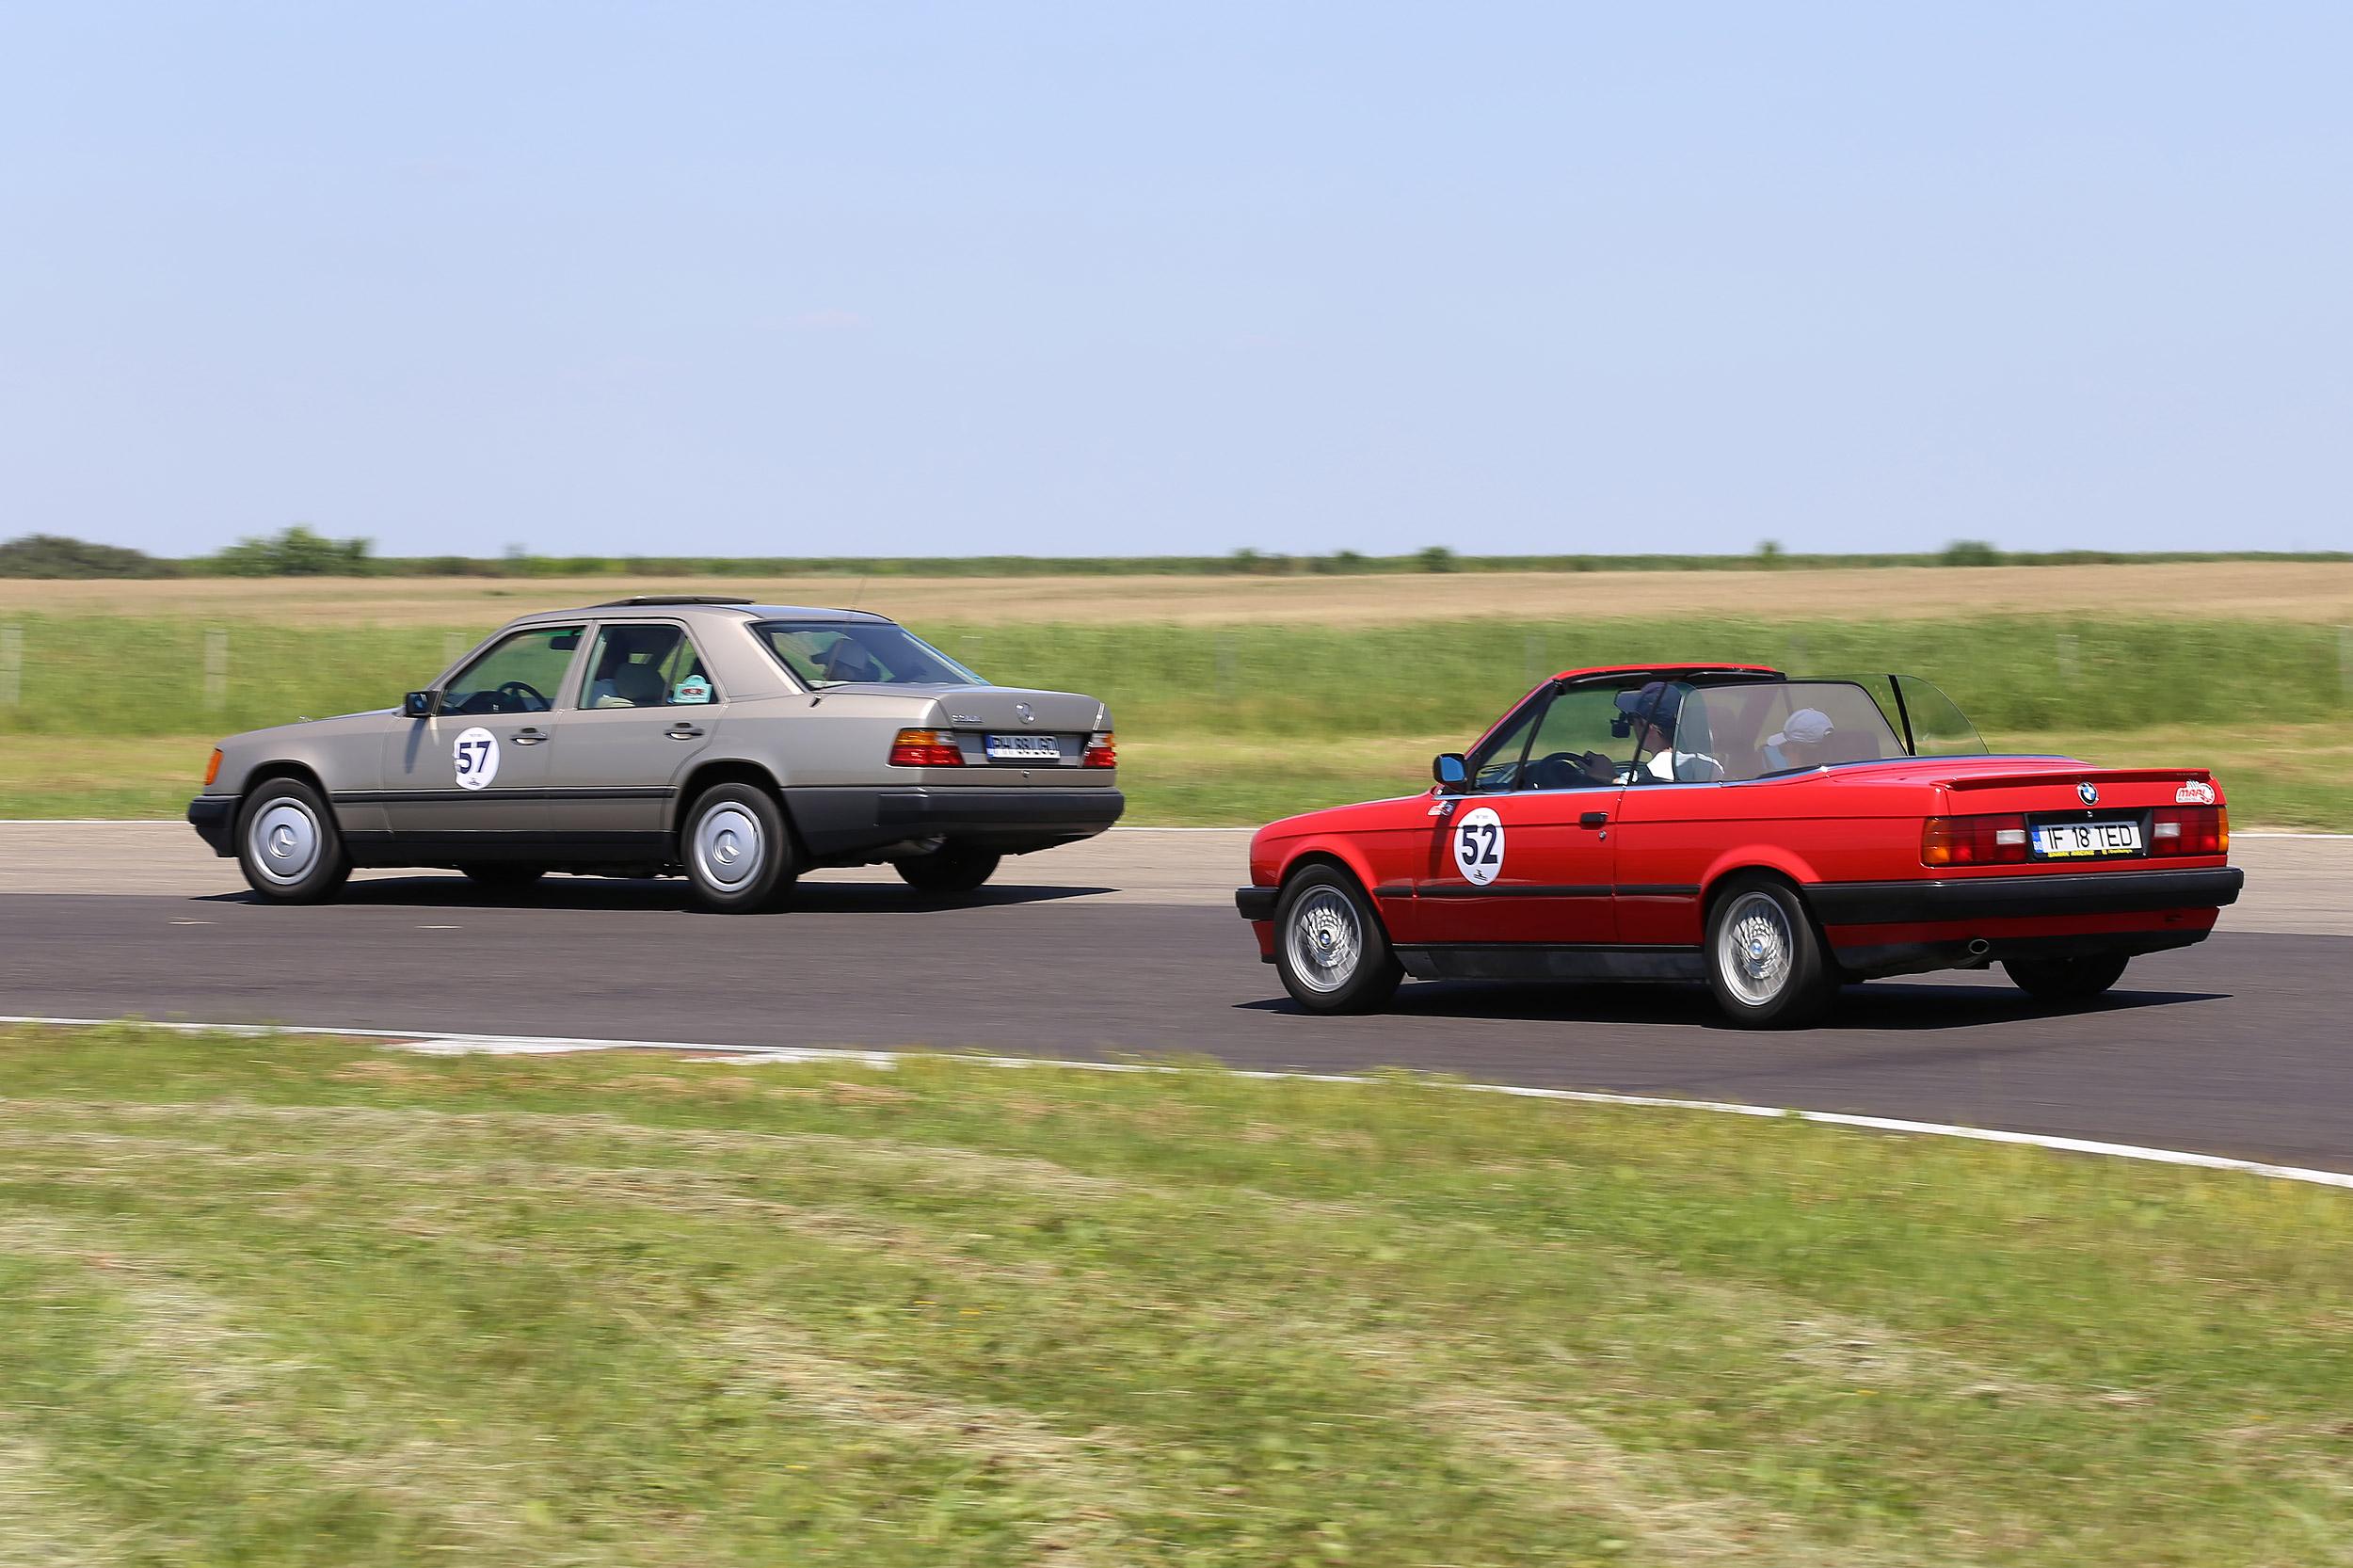 BMW M235i Gran Coupe Safety Car a impus ritmul într-un nou weekend motorsport pe MotorPark România, Adâncata